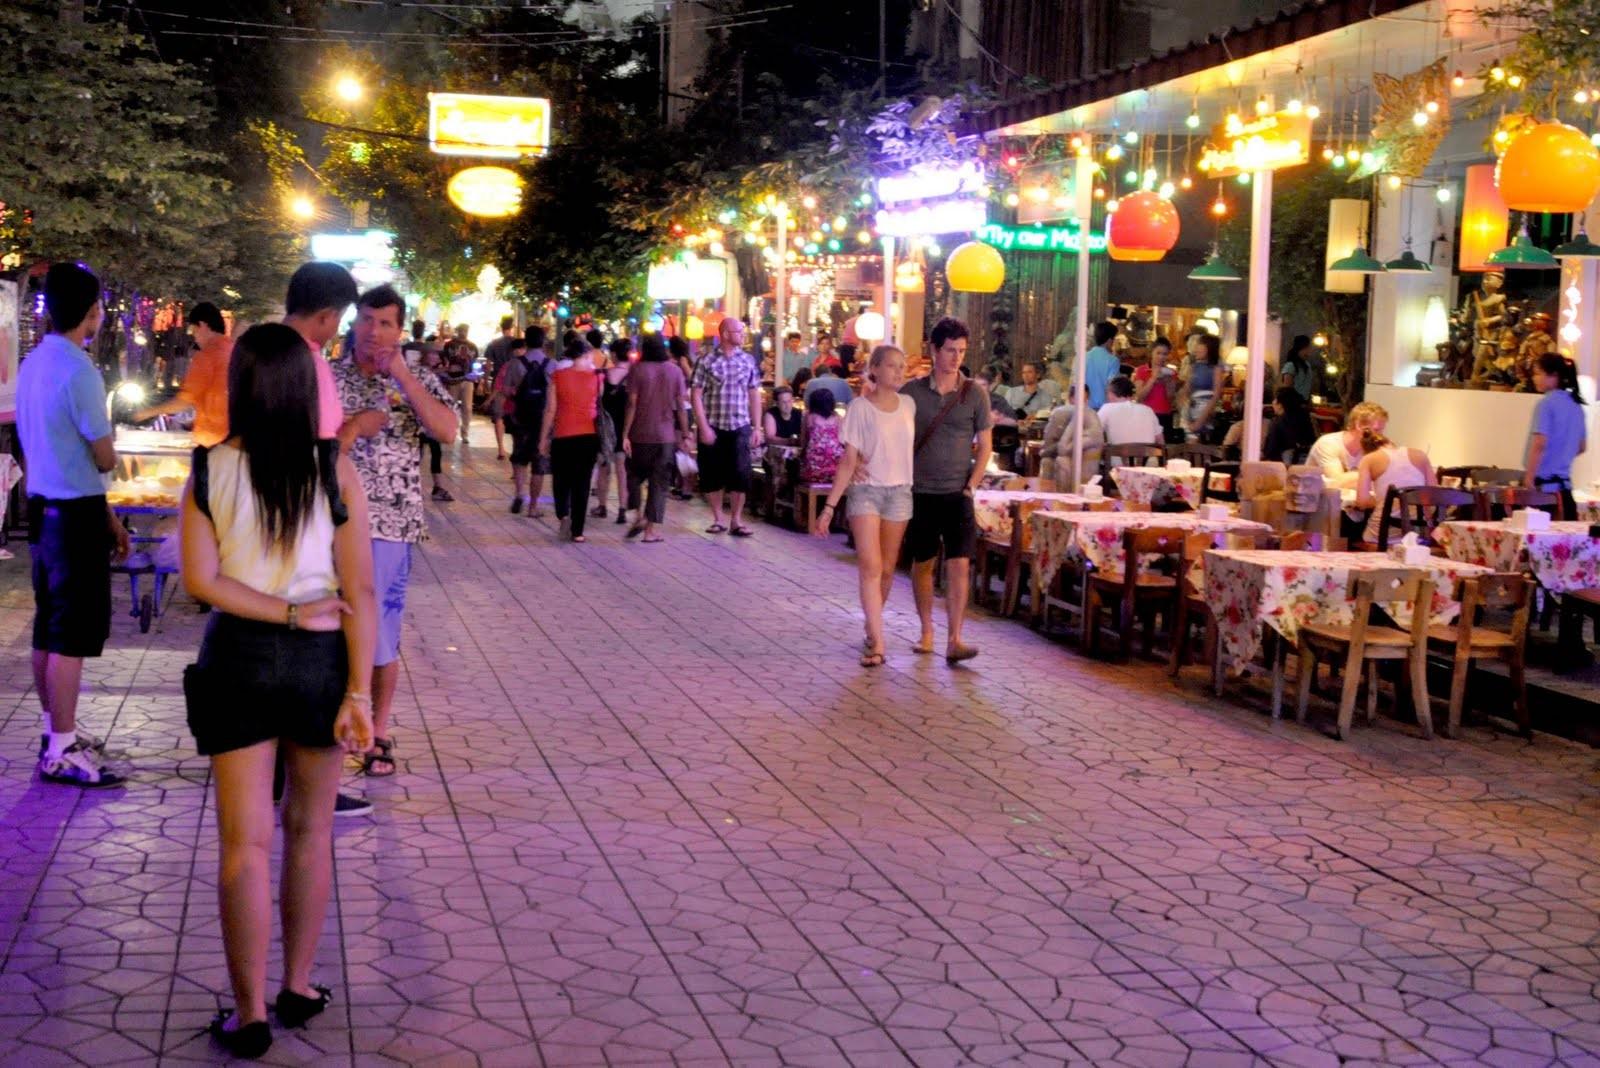 Die Kao San Gegend, weltberühmt vorallem unter den Backpäckern, hat ihren ganz eigenen Charme